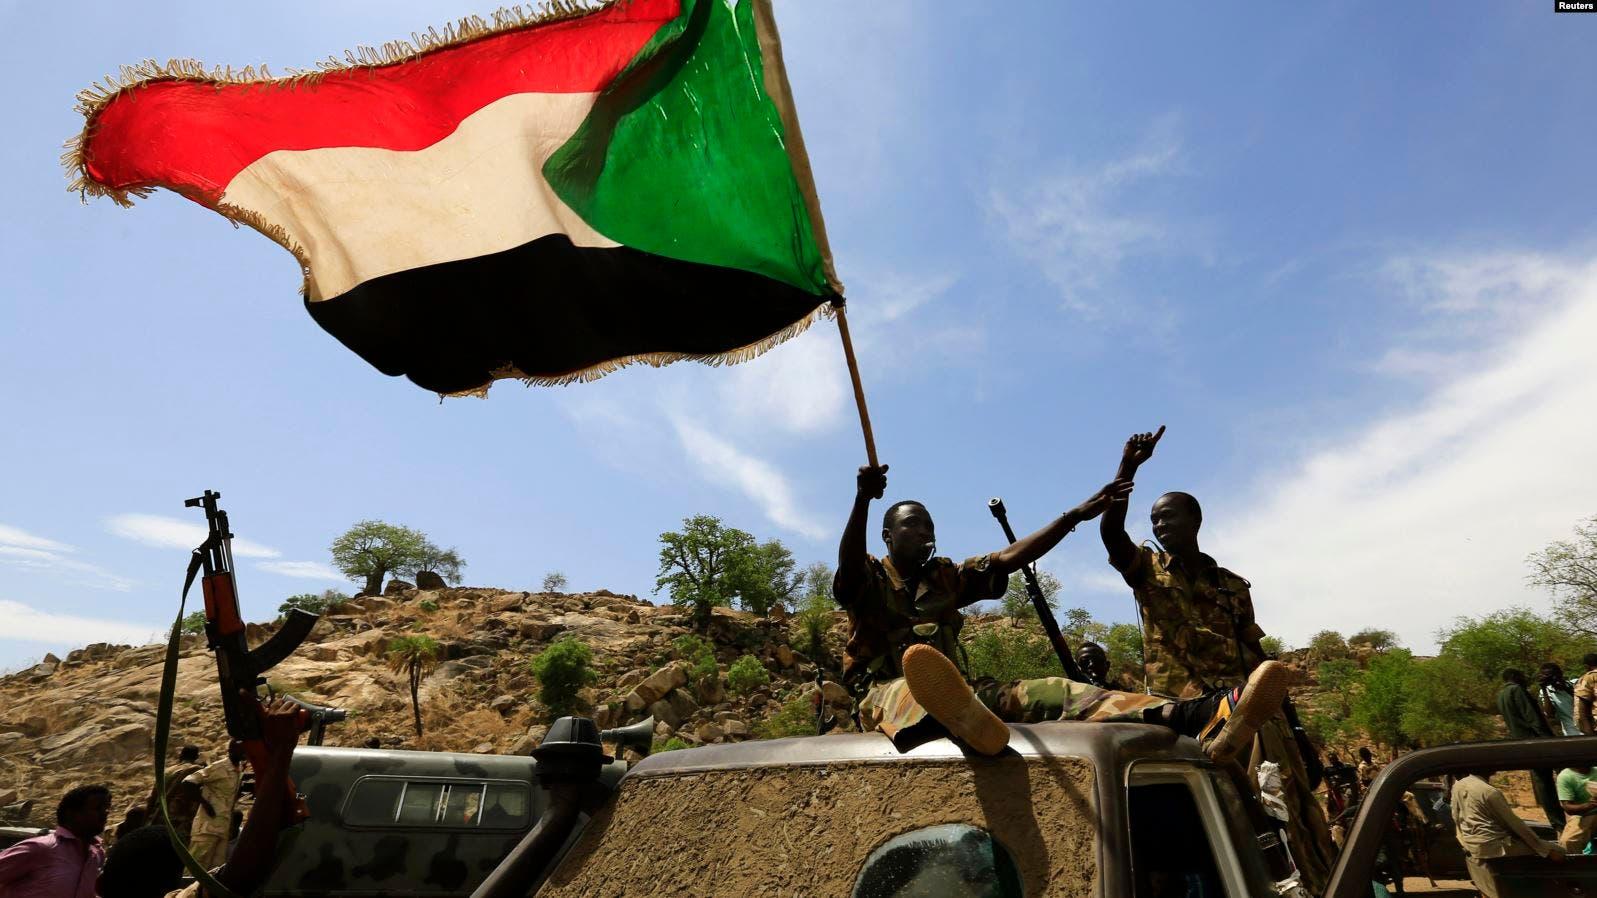 Sudan oo ciidan dhoobtay xuduudda Ethiopia 'kadib weerar lagu soo qaaday'